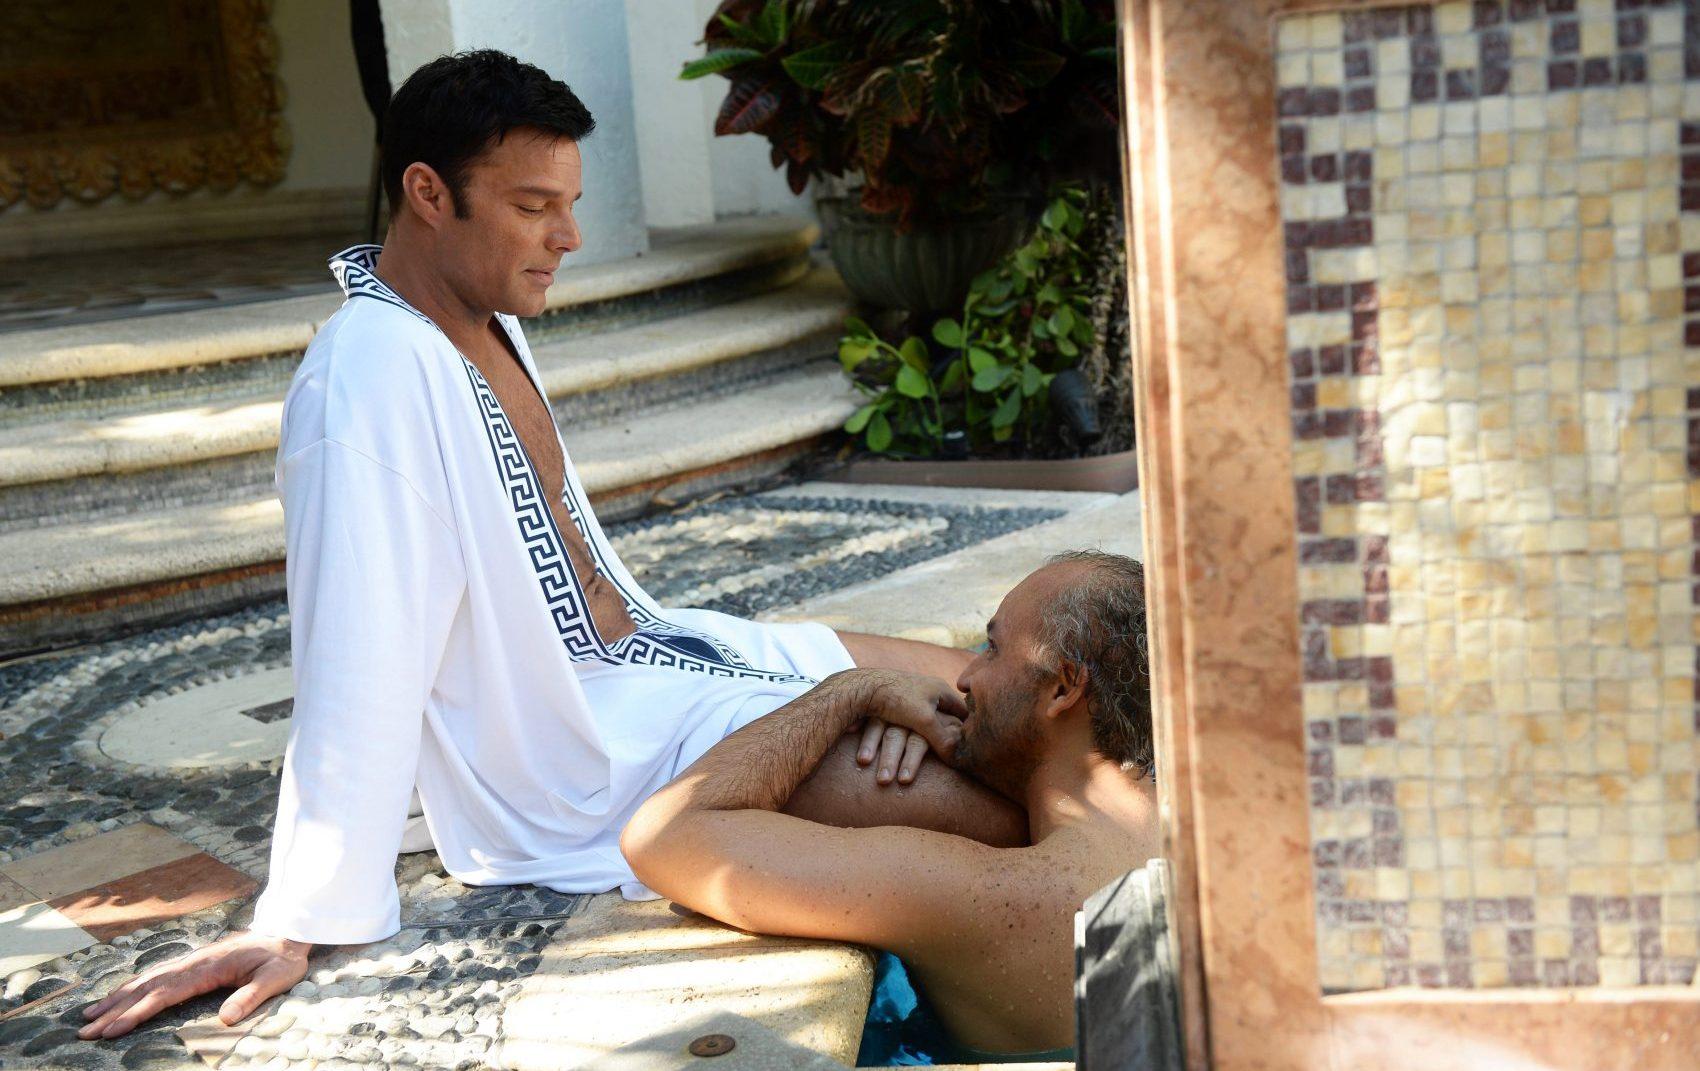 Gianni Versace: American Crime Story'ye Gelen 5 Çarpıcı Tepki!